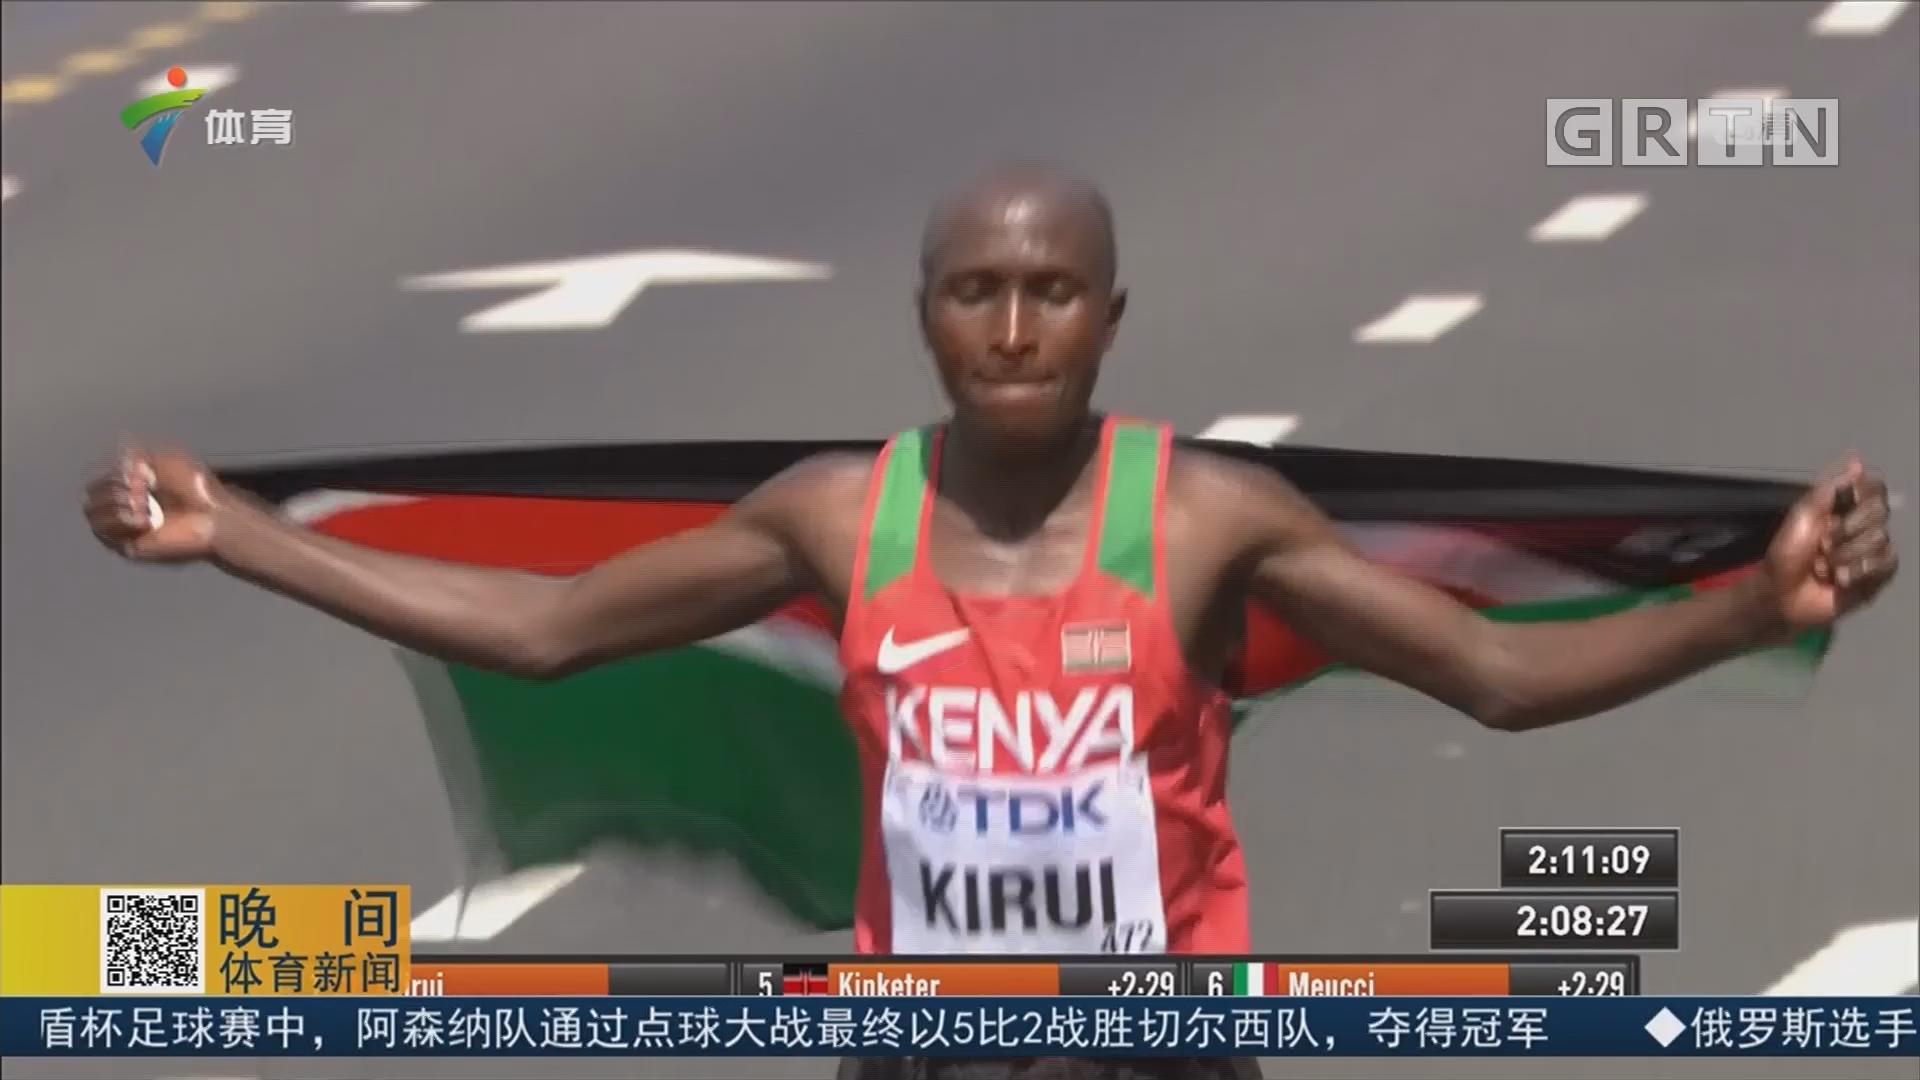 世锦赛马拉松 基鲁伊强势夺冠